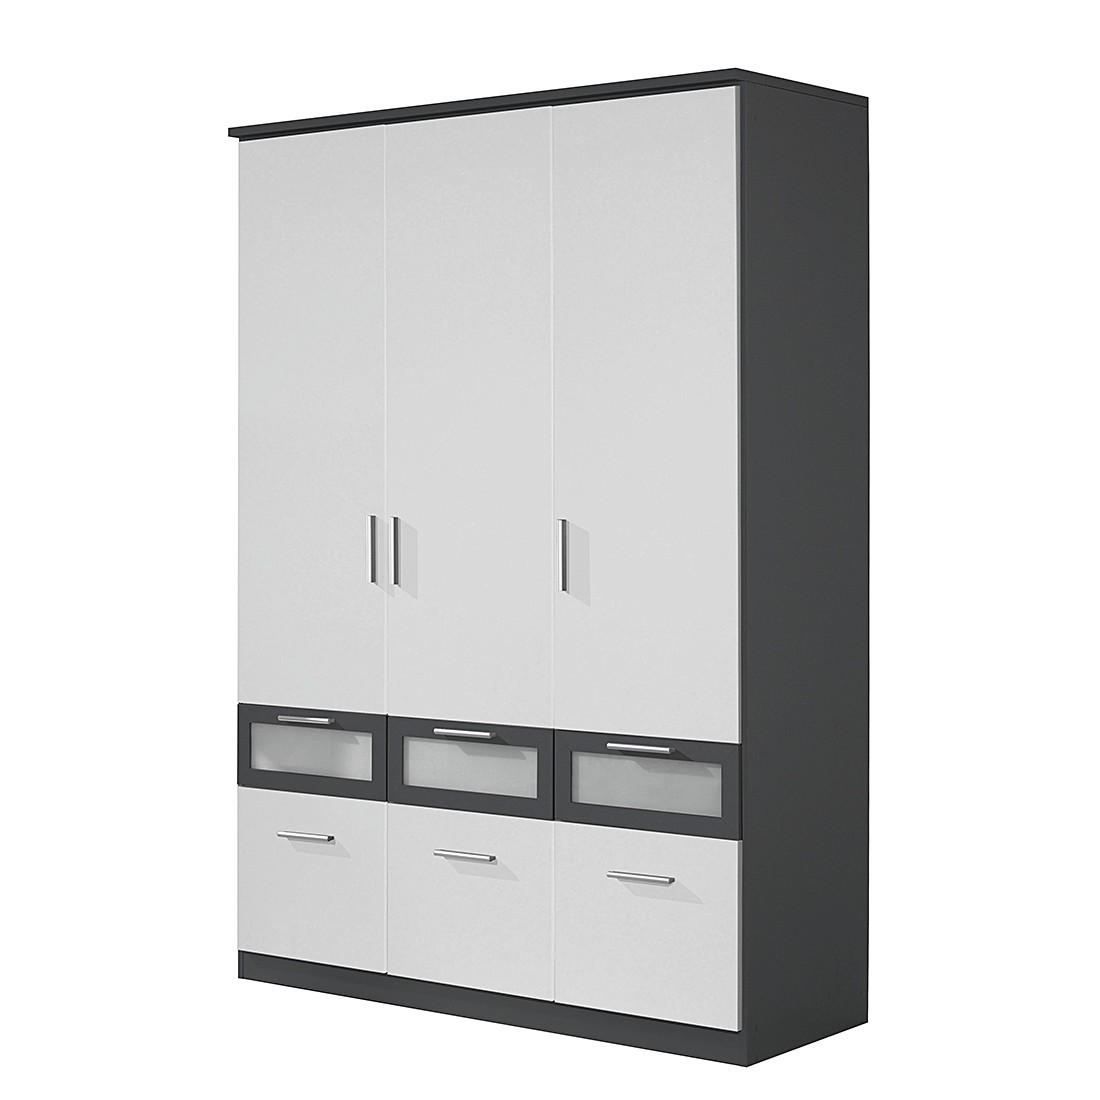 Armoire à portes battantes Bochum-Extra - Blanc alpin / Gris métallisé - 136 cm - 3 portes, Rauch Pa